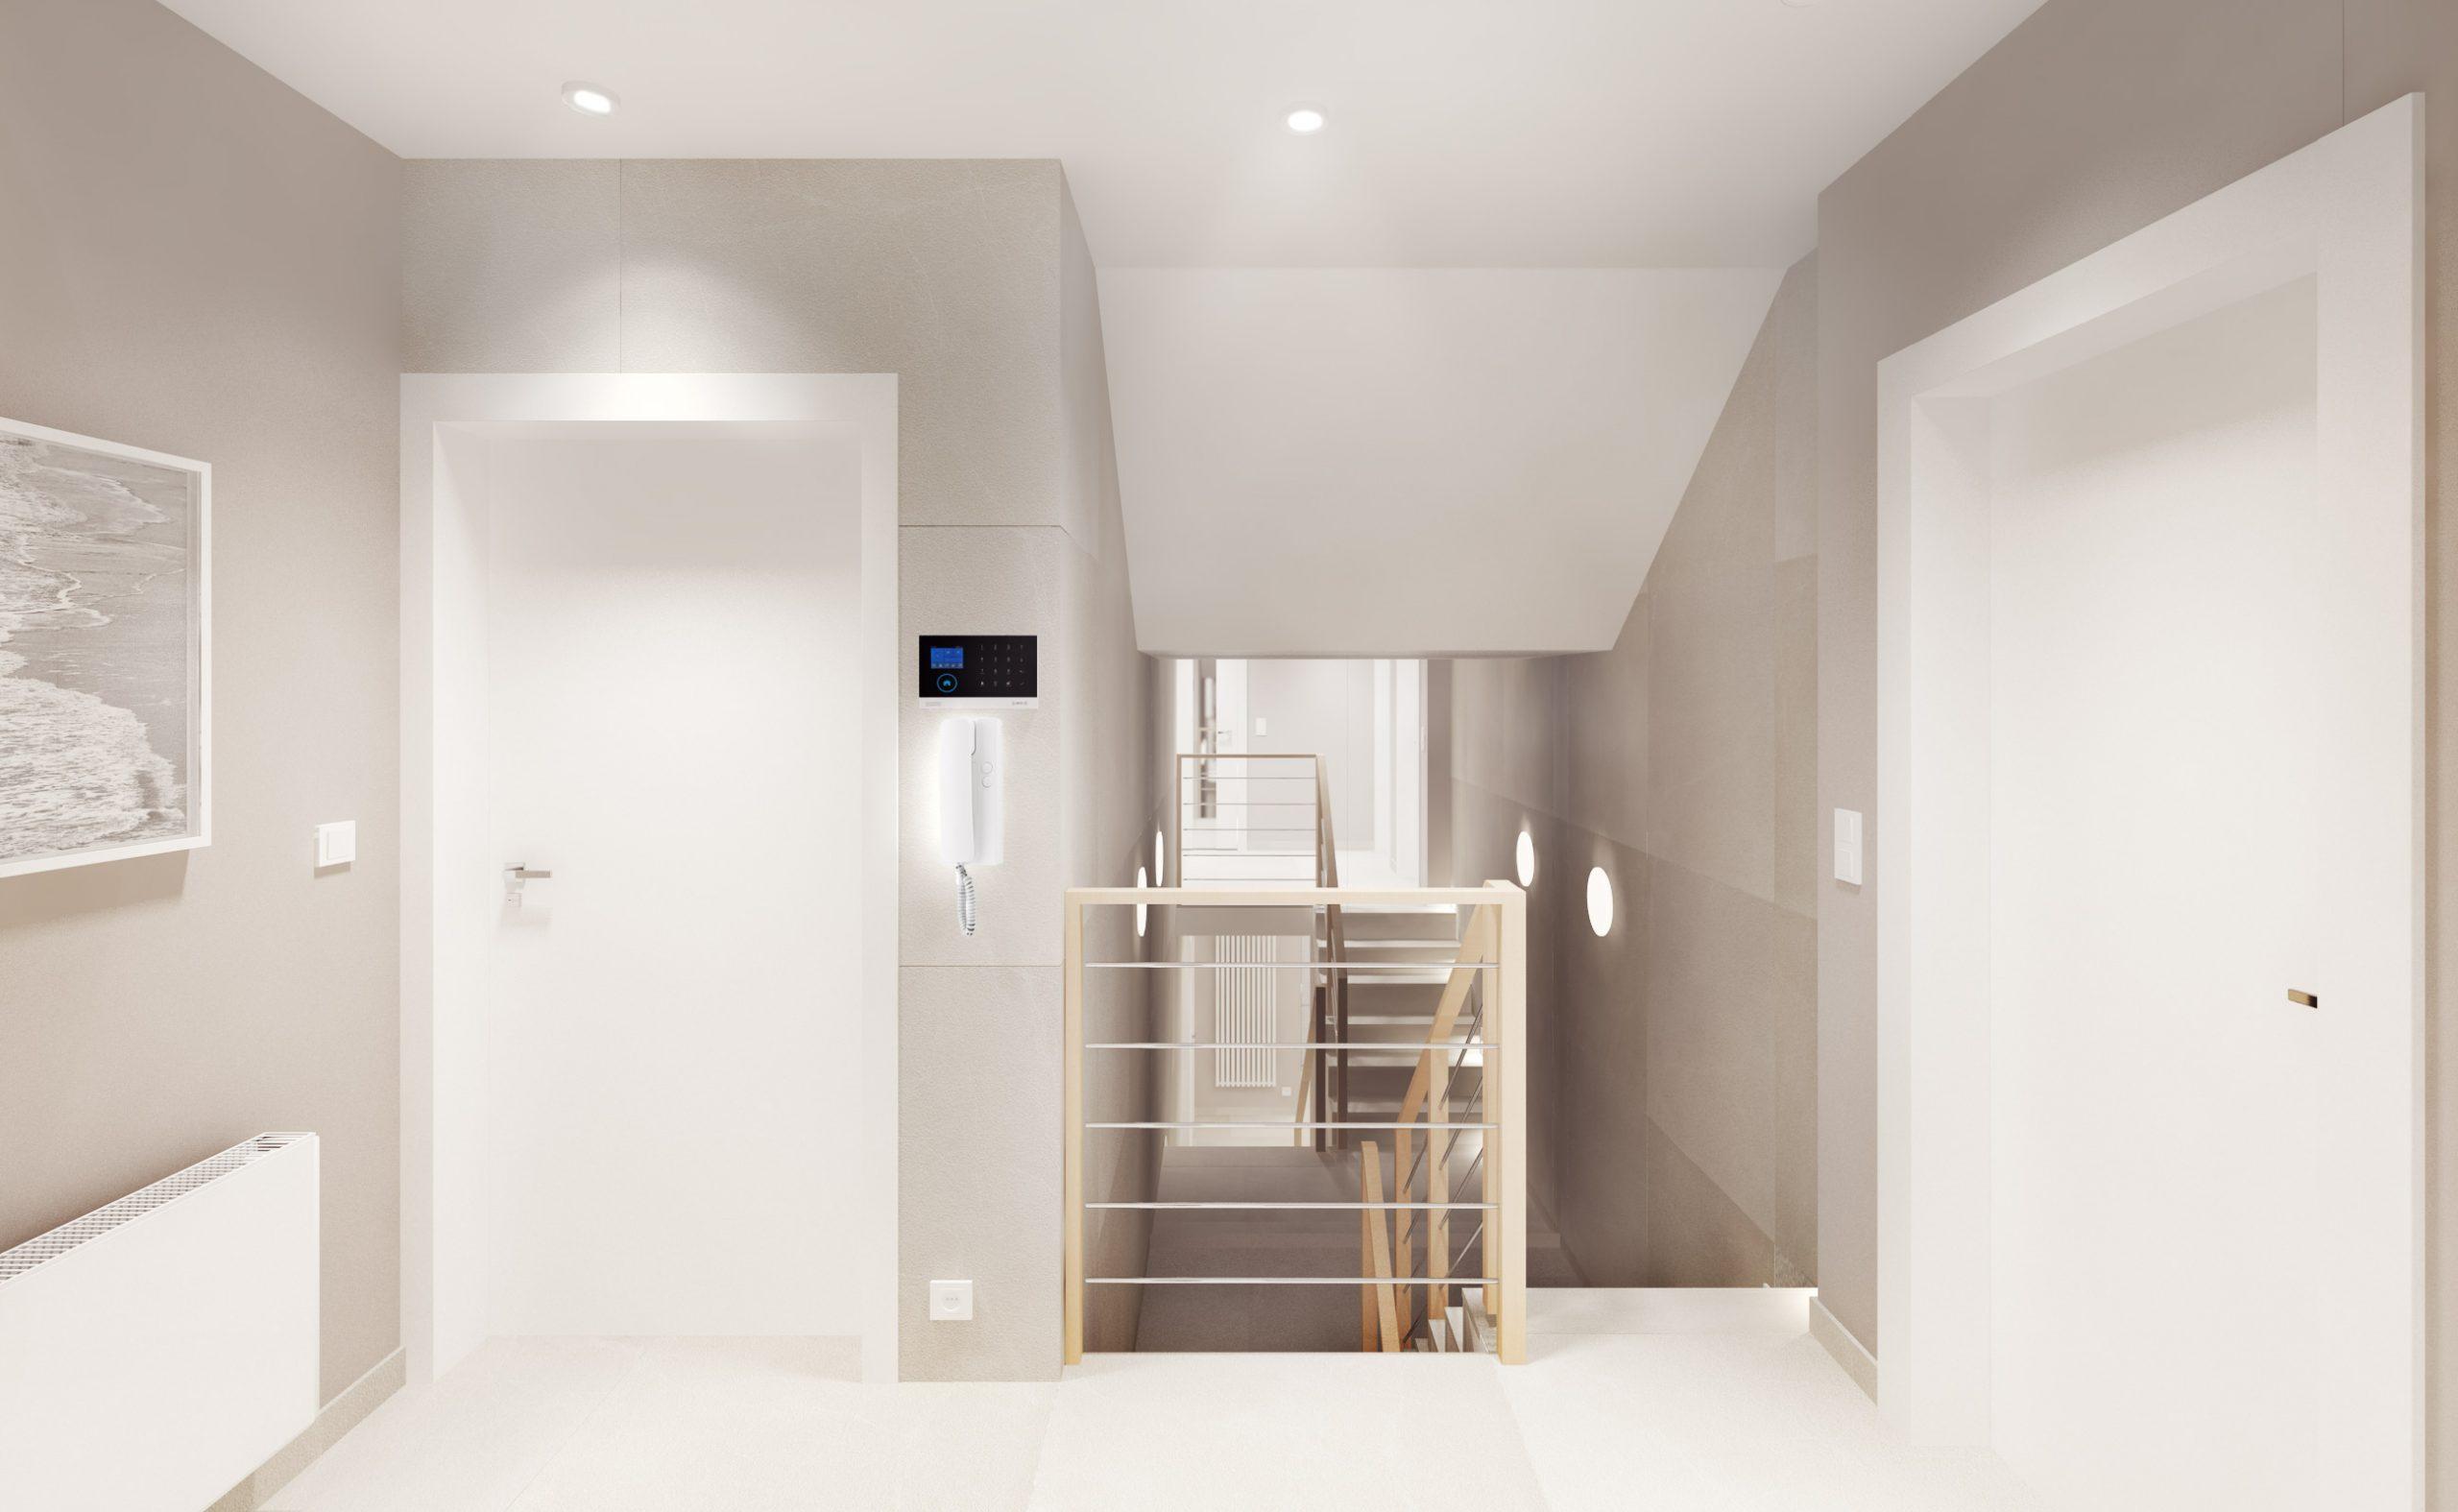 26-korytarz-02-hol-gorny